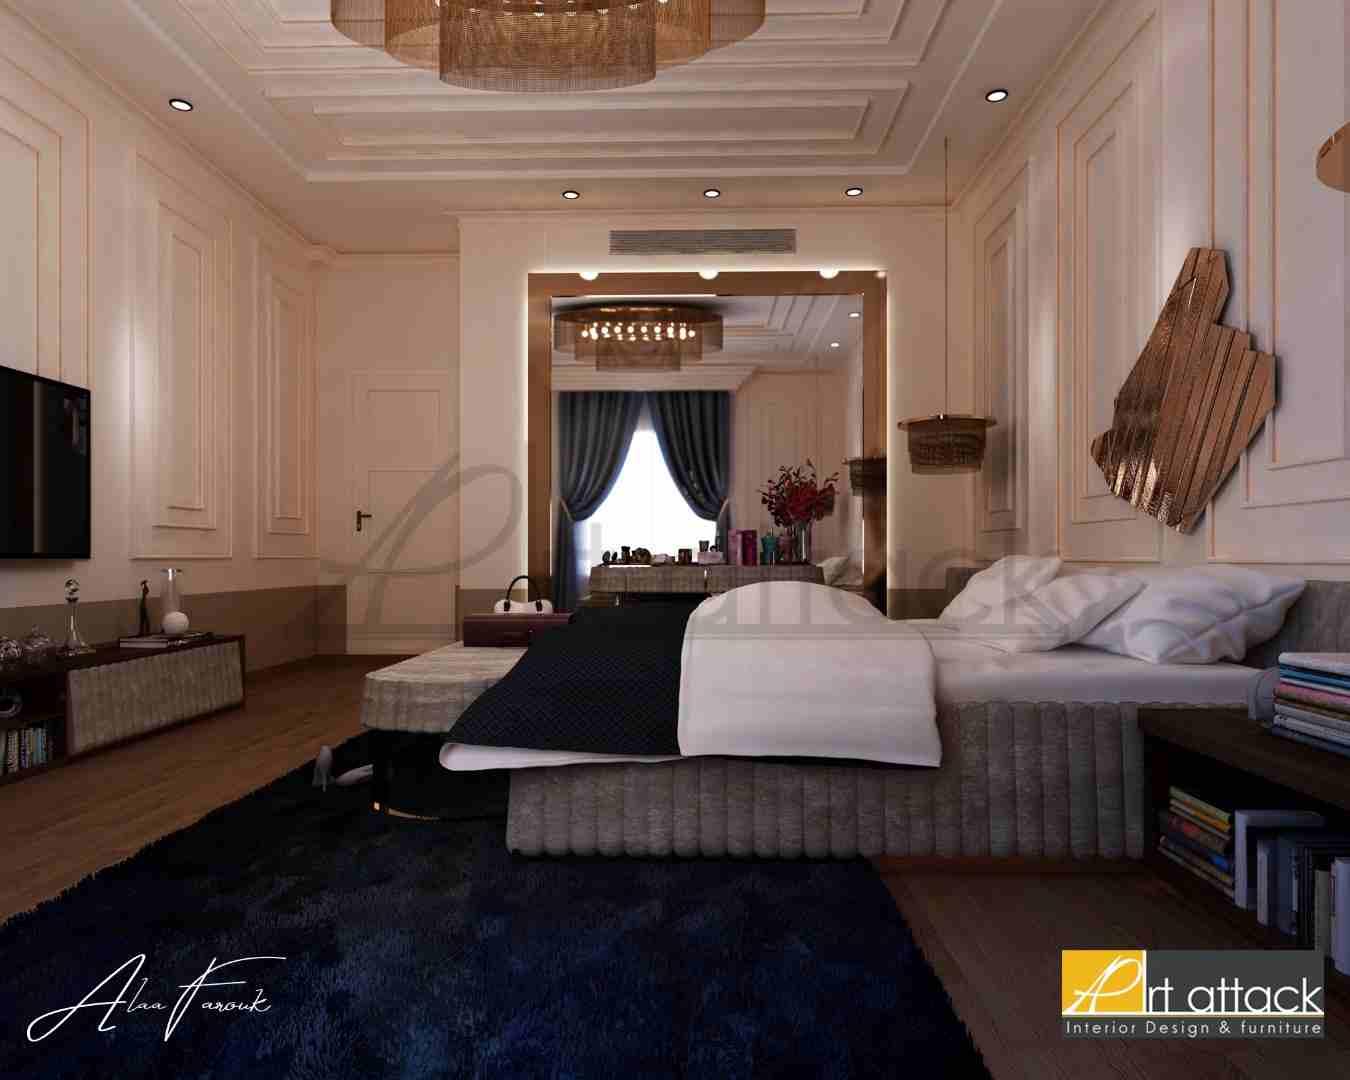 تصميم غرفة نومك مع ارت اتاك...